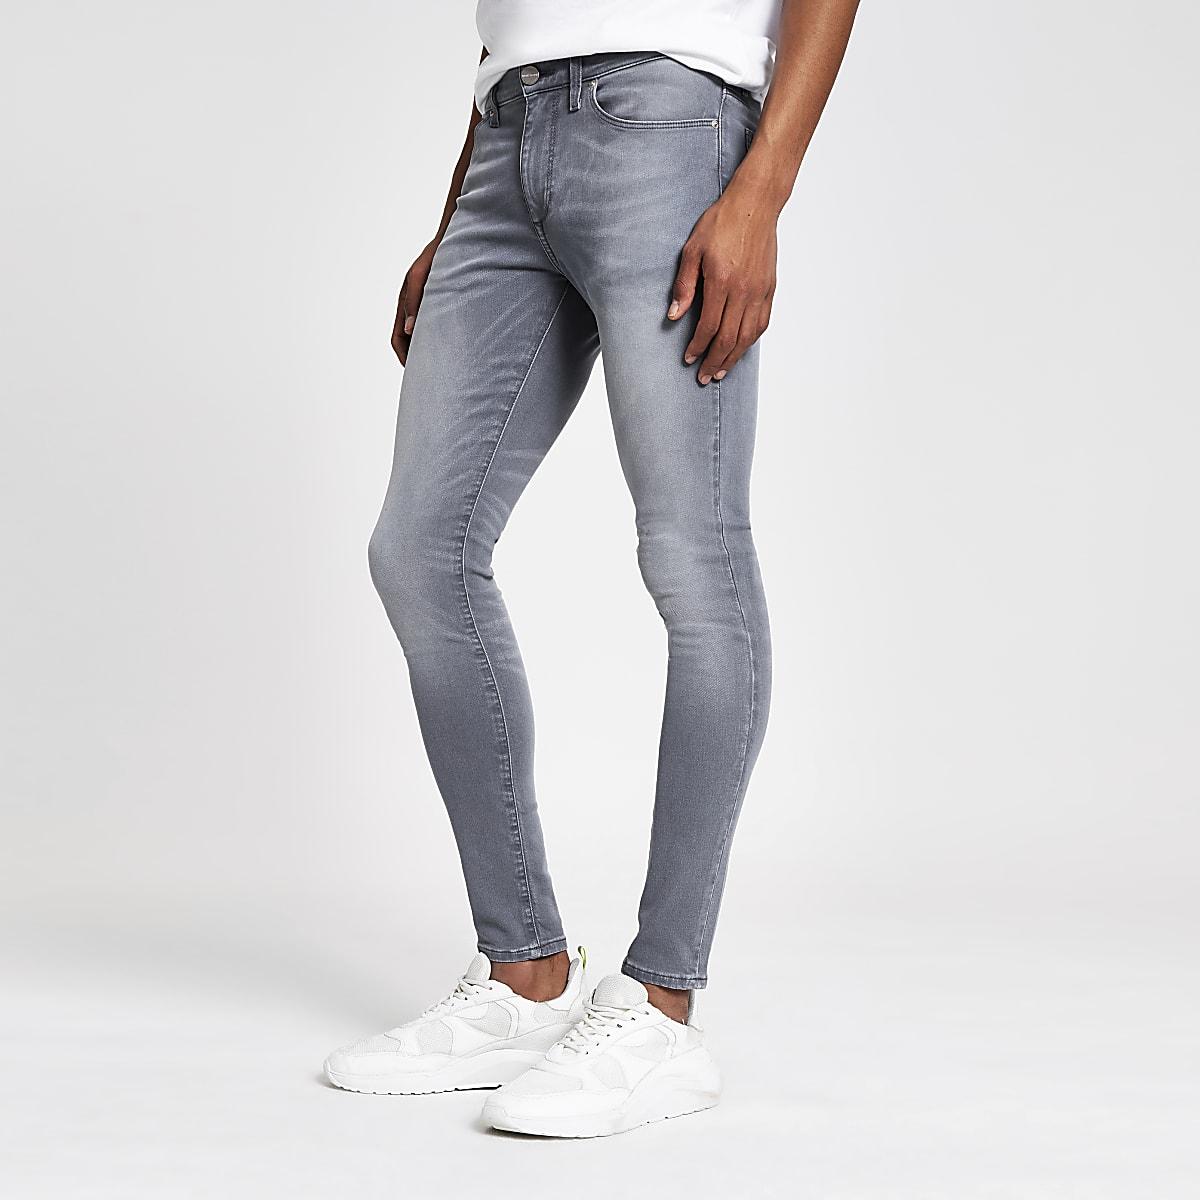 Ollie – Jean ultra-skinny gris